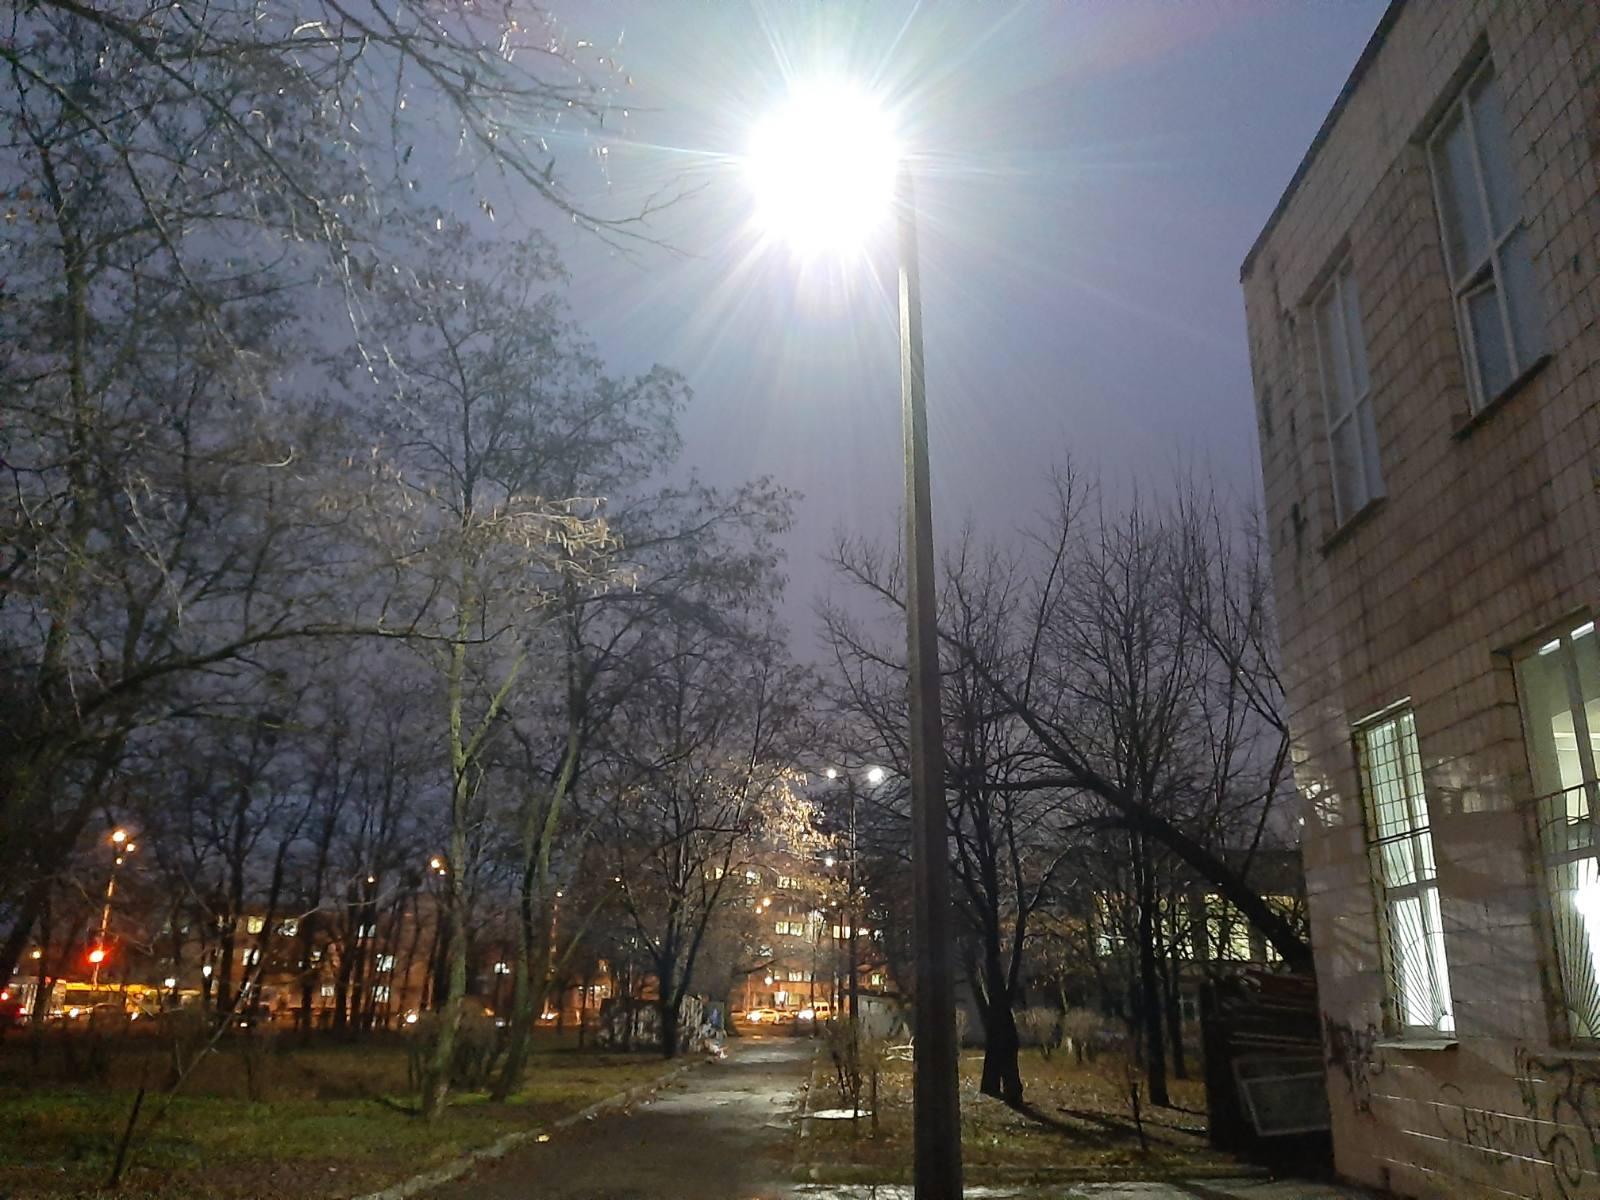 зовнішнє освітлення для КВПУтдо, світлодіодне освітлення, освітлення училища технологій та дизайну одягу